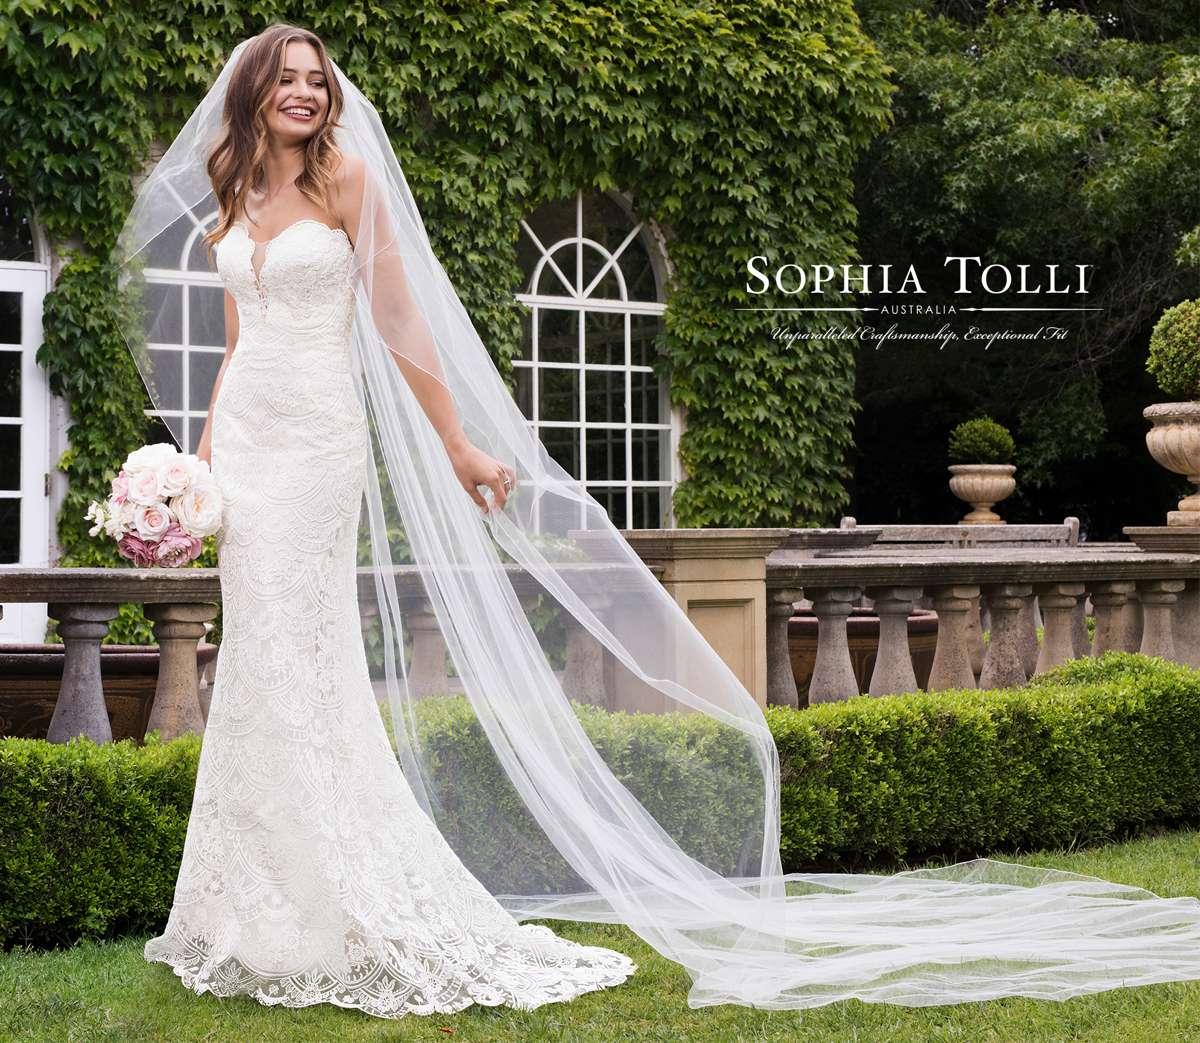 SOPHIA TOLLI